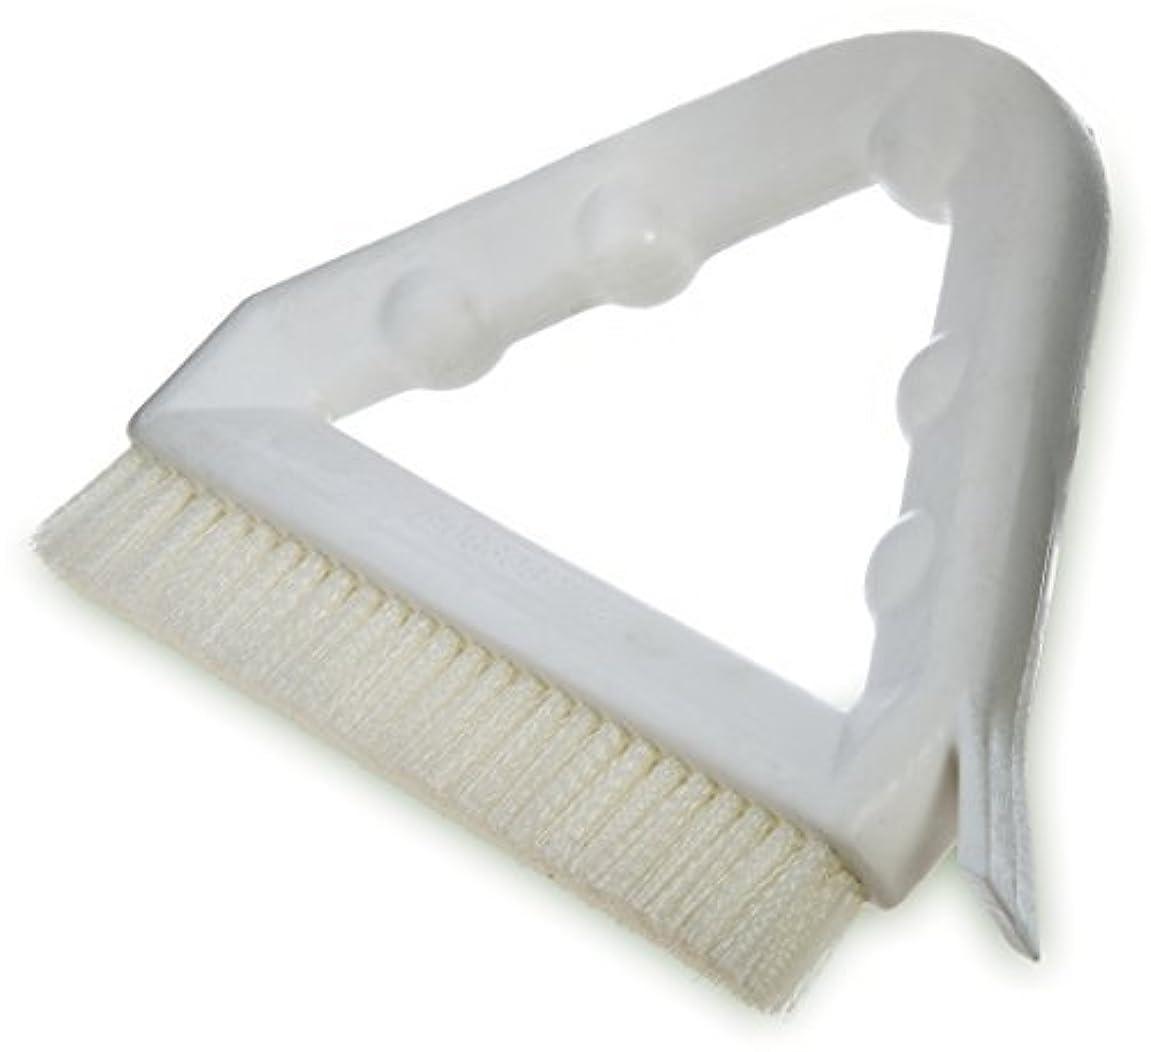 局戸惑う恐れCarlisle 4132302 Sparta Tile and Grout Brush with Scraper, 9